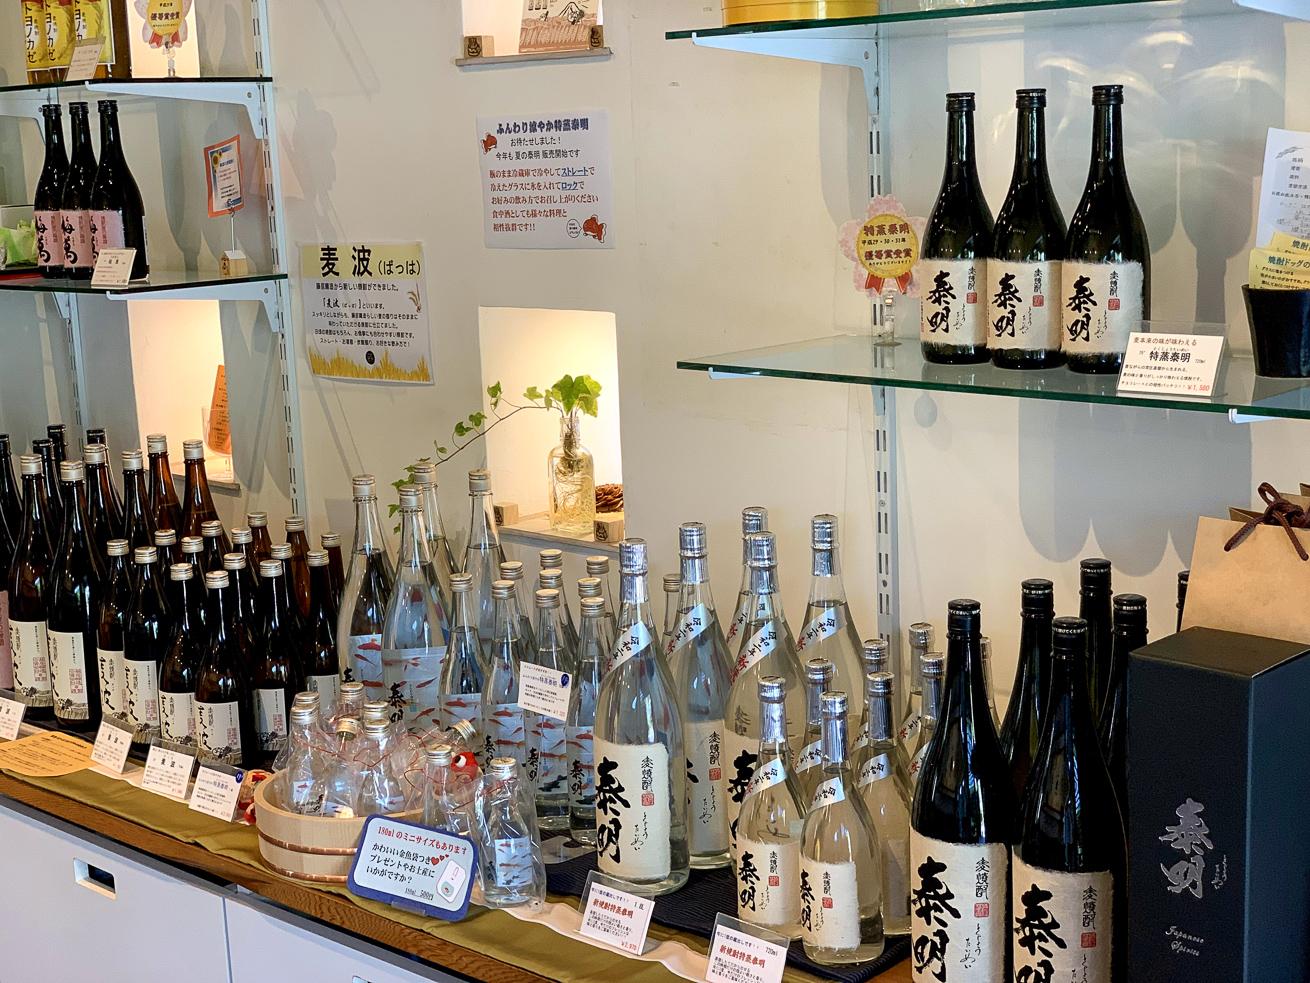 藤居醸造の店内の写真